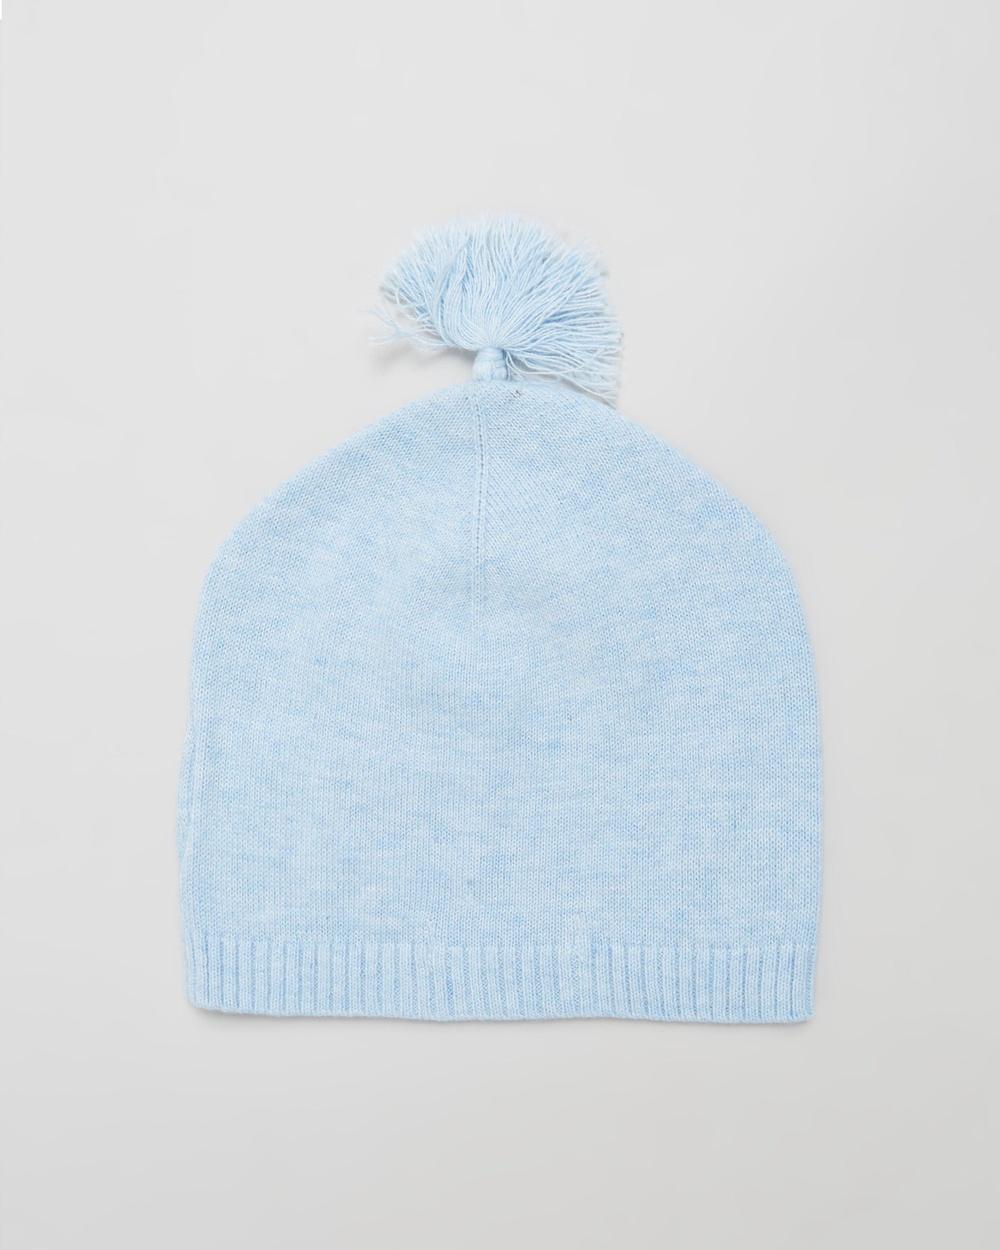 Purebaby Essentials Newborn Beanie Babies Headwear Blue